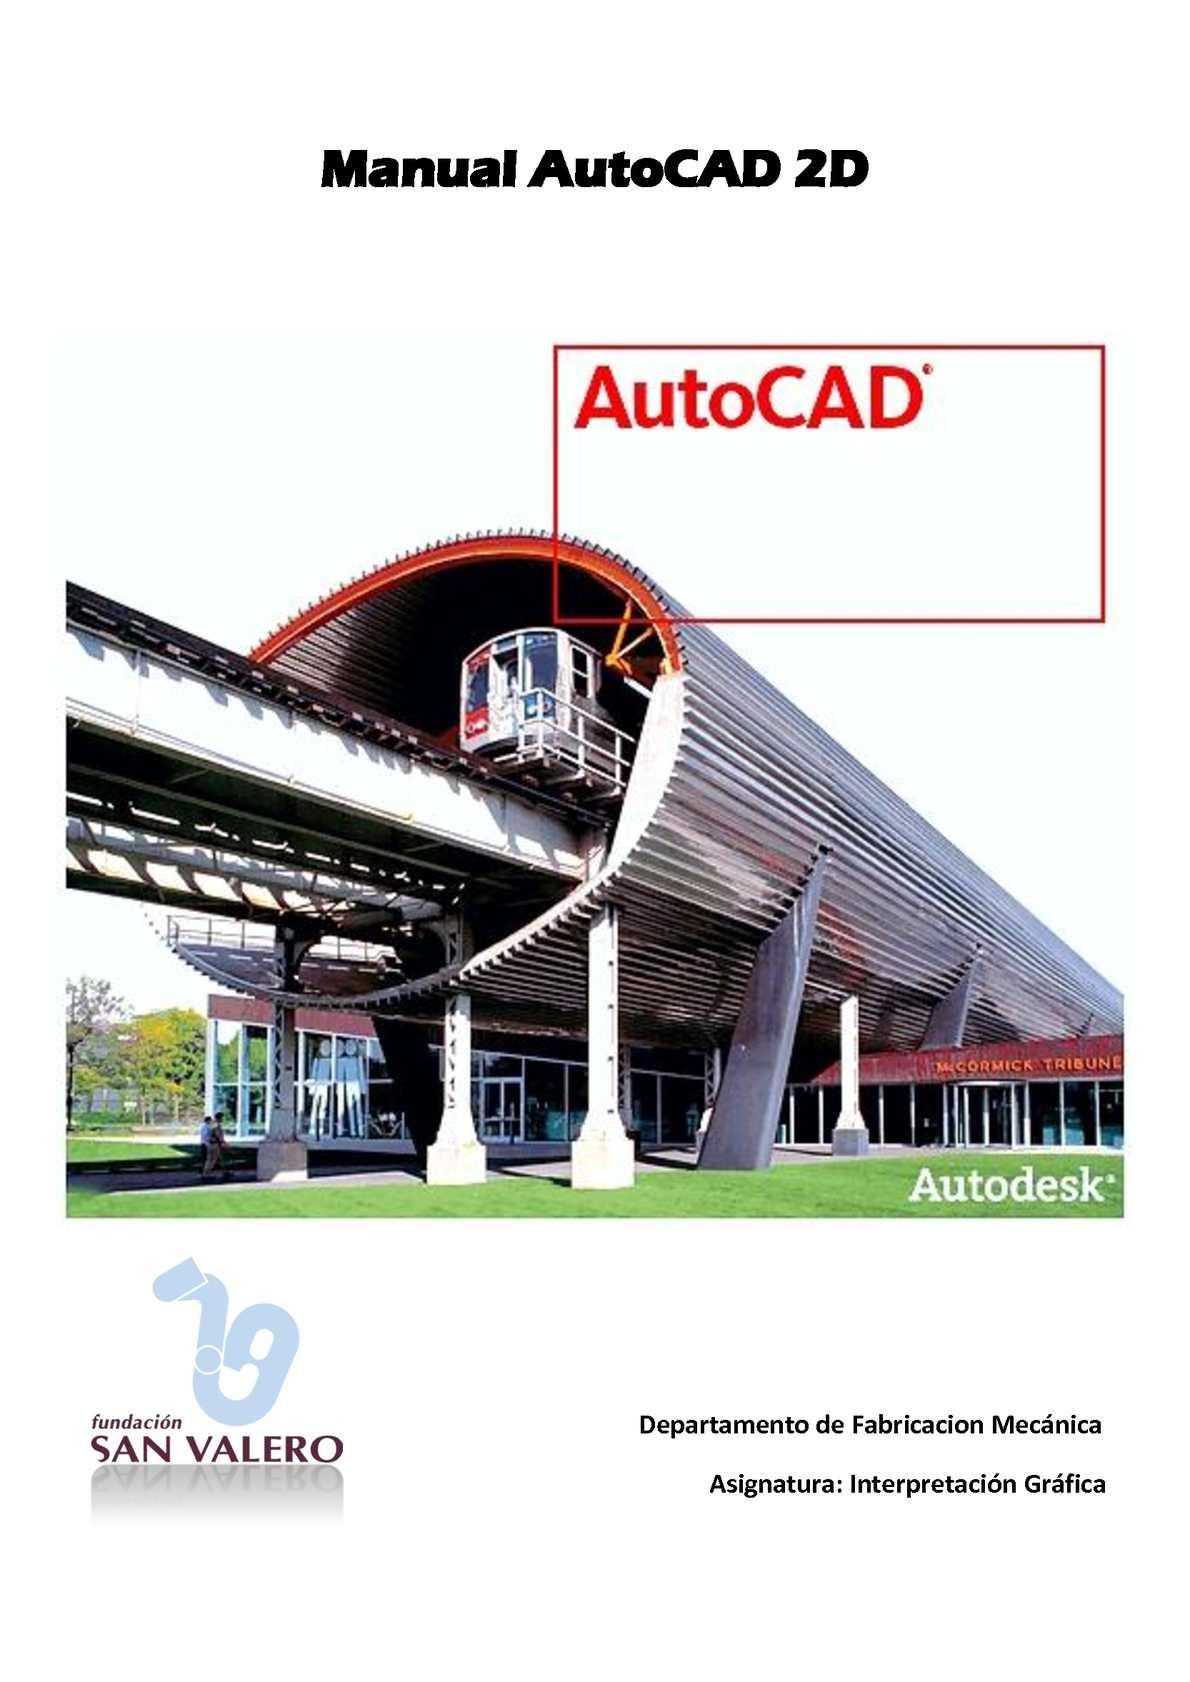 manual de autocad 2d calameo downloader rh calameo download manual de autocad 2018 pdf manual de autocad 2015